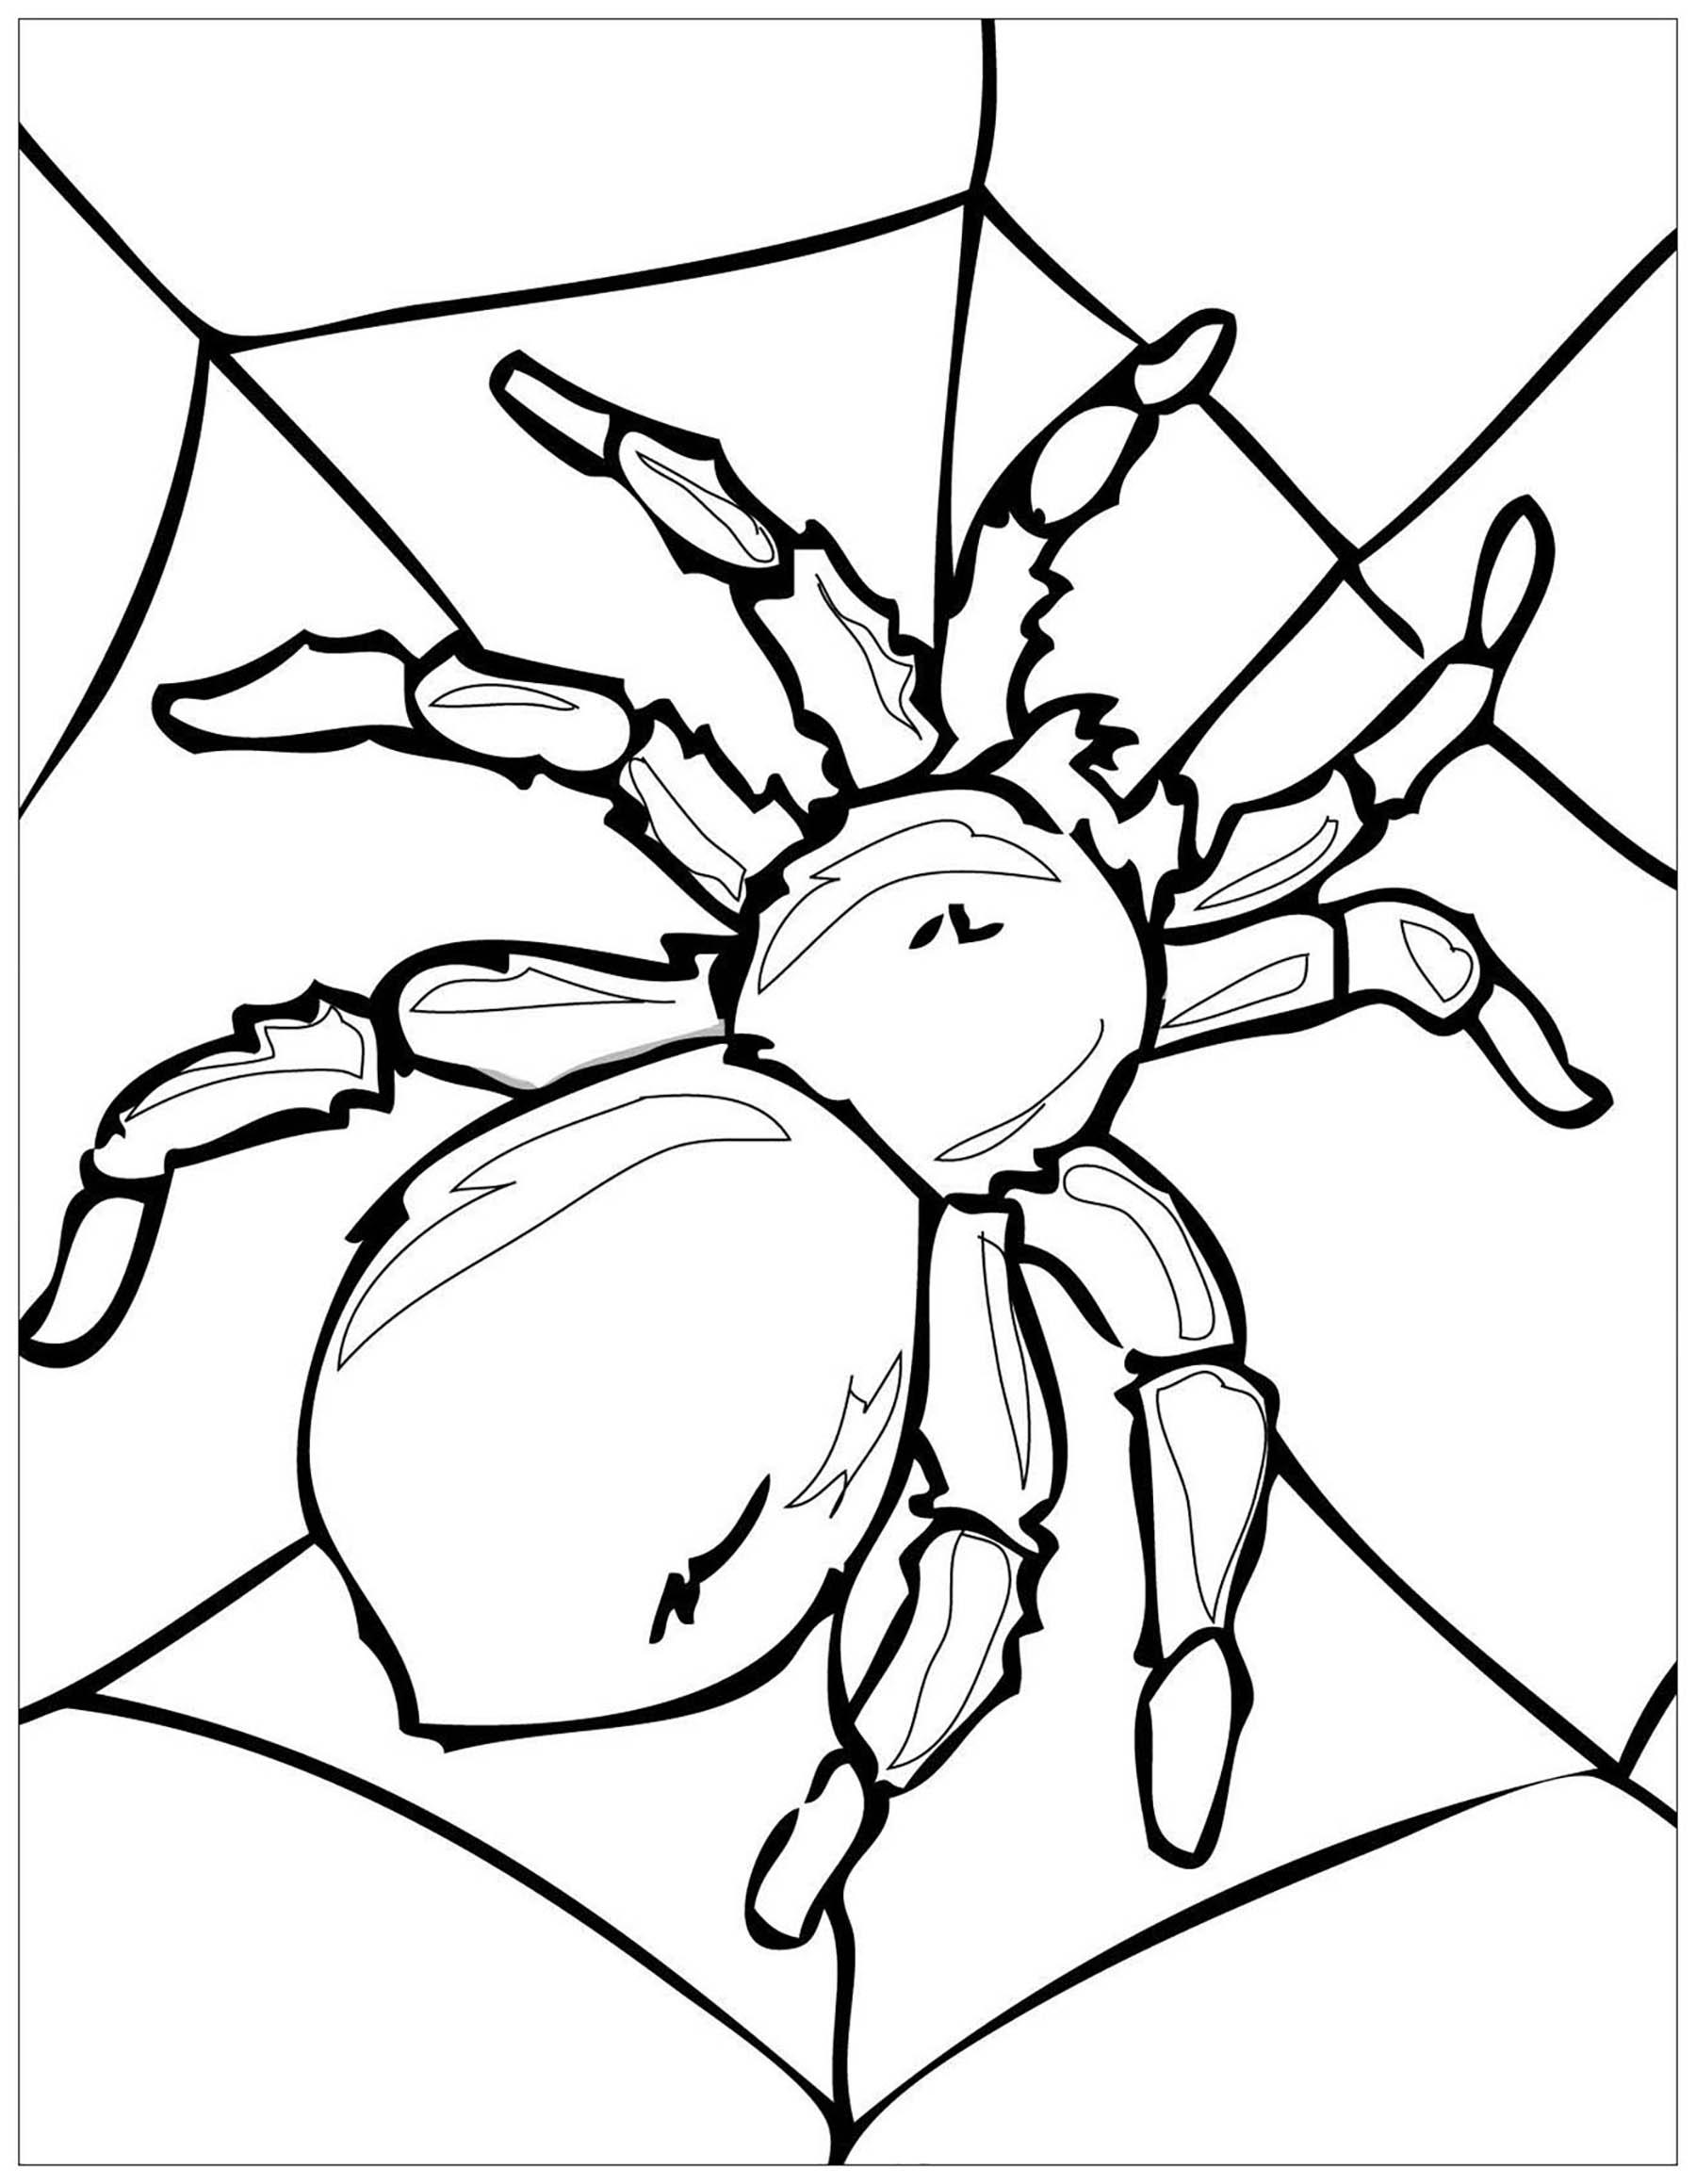 Grande Araignée - Papillons & Insectes - Coloriages encequiconcerne Dessin Toile Araignée